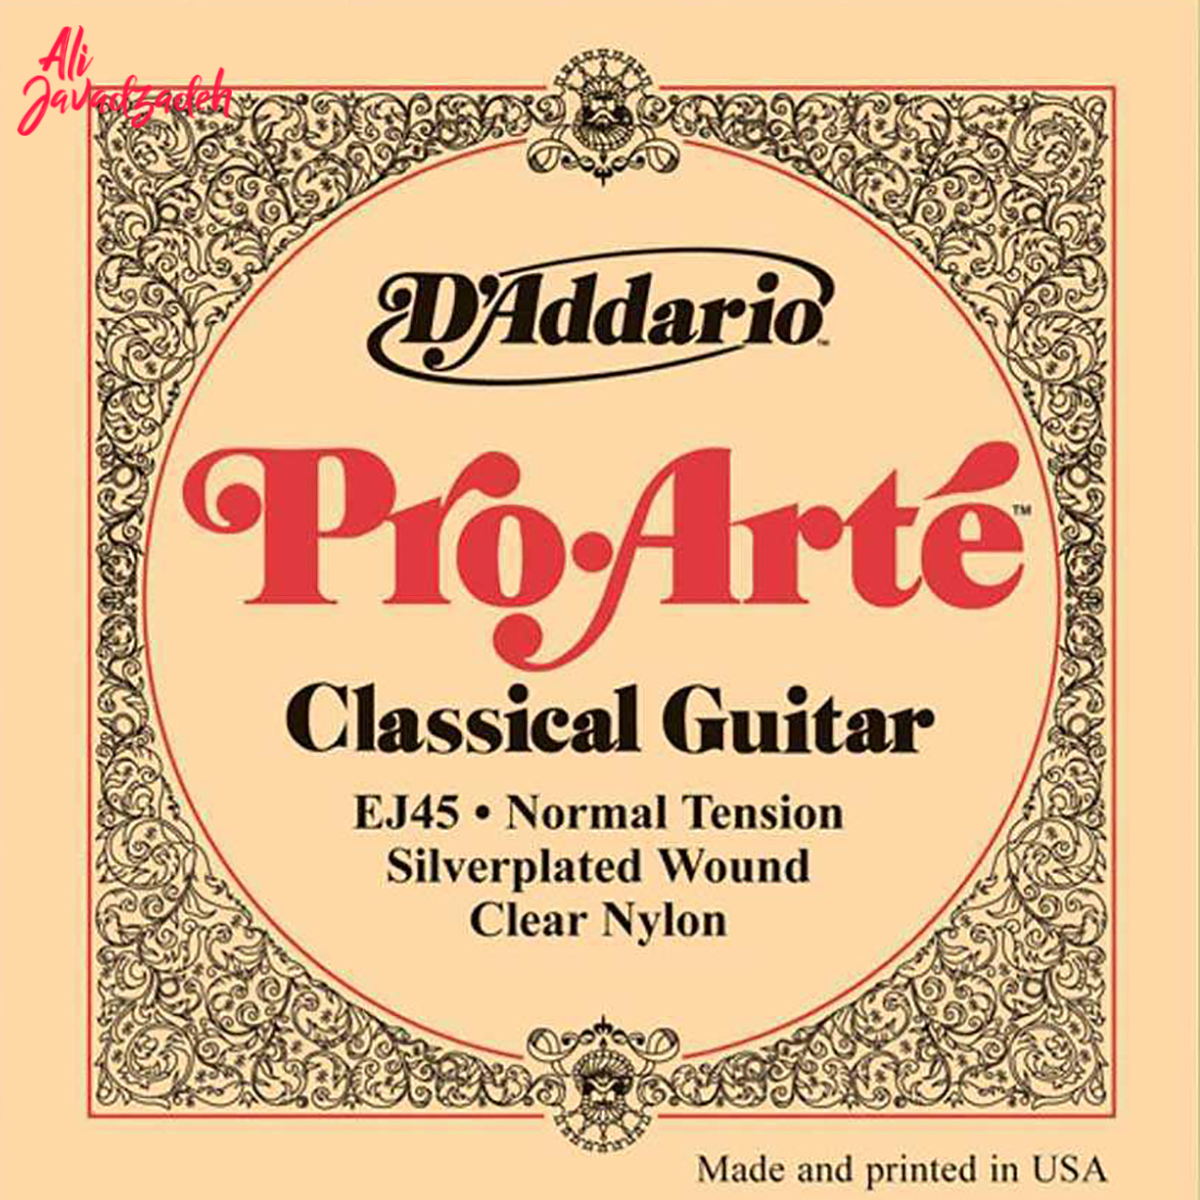 سیم گیتار کلاسیک داداریو مدل EJ45